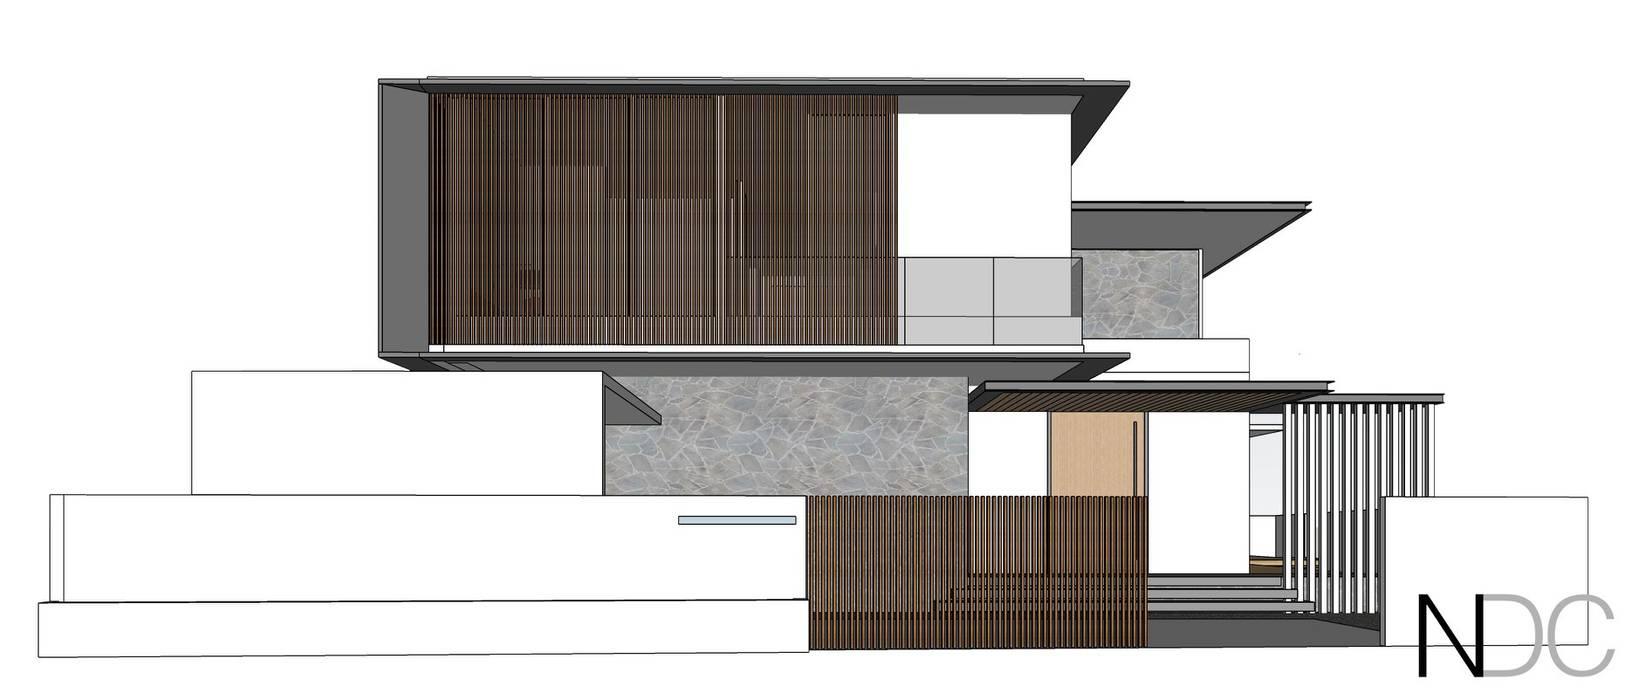 MINES RESORT HOUSE Modern houses by NDC DESIGN Modern